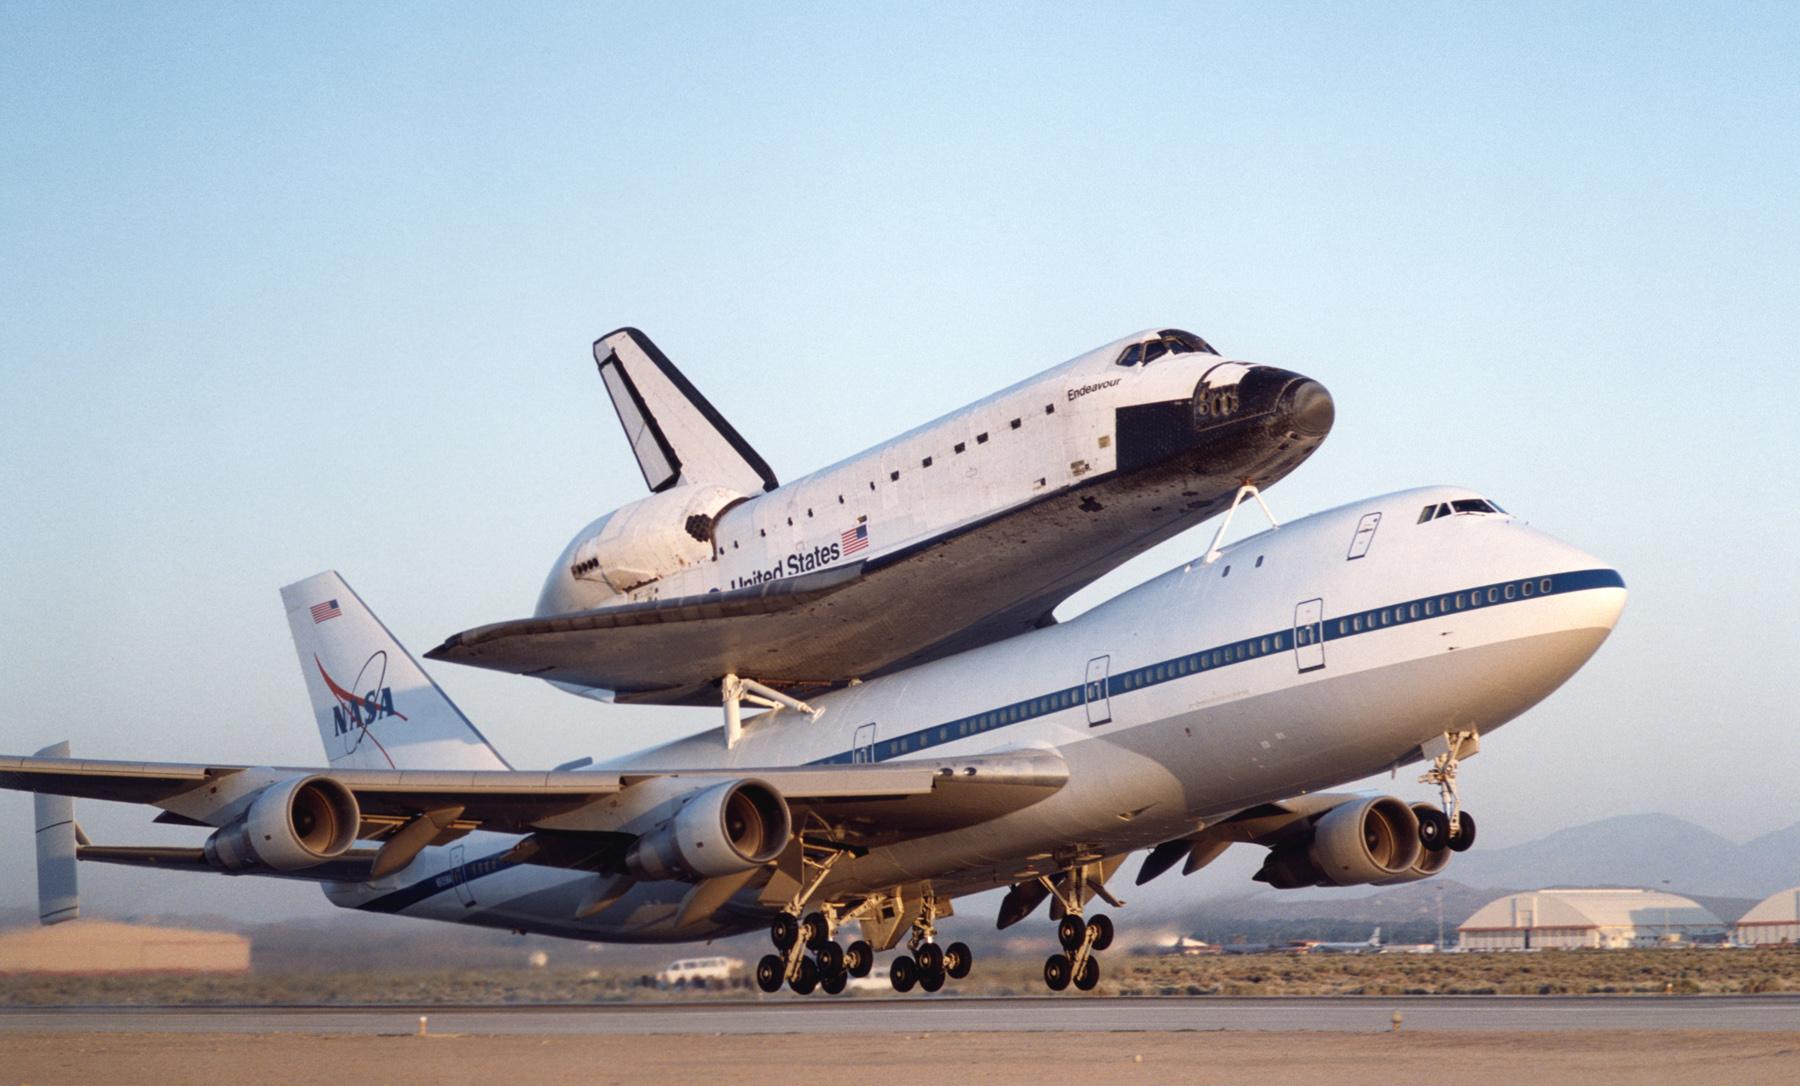 NASA - Shuttle Carrier Aircraft